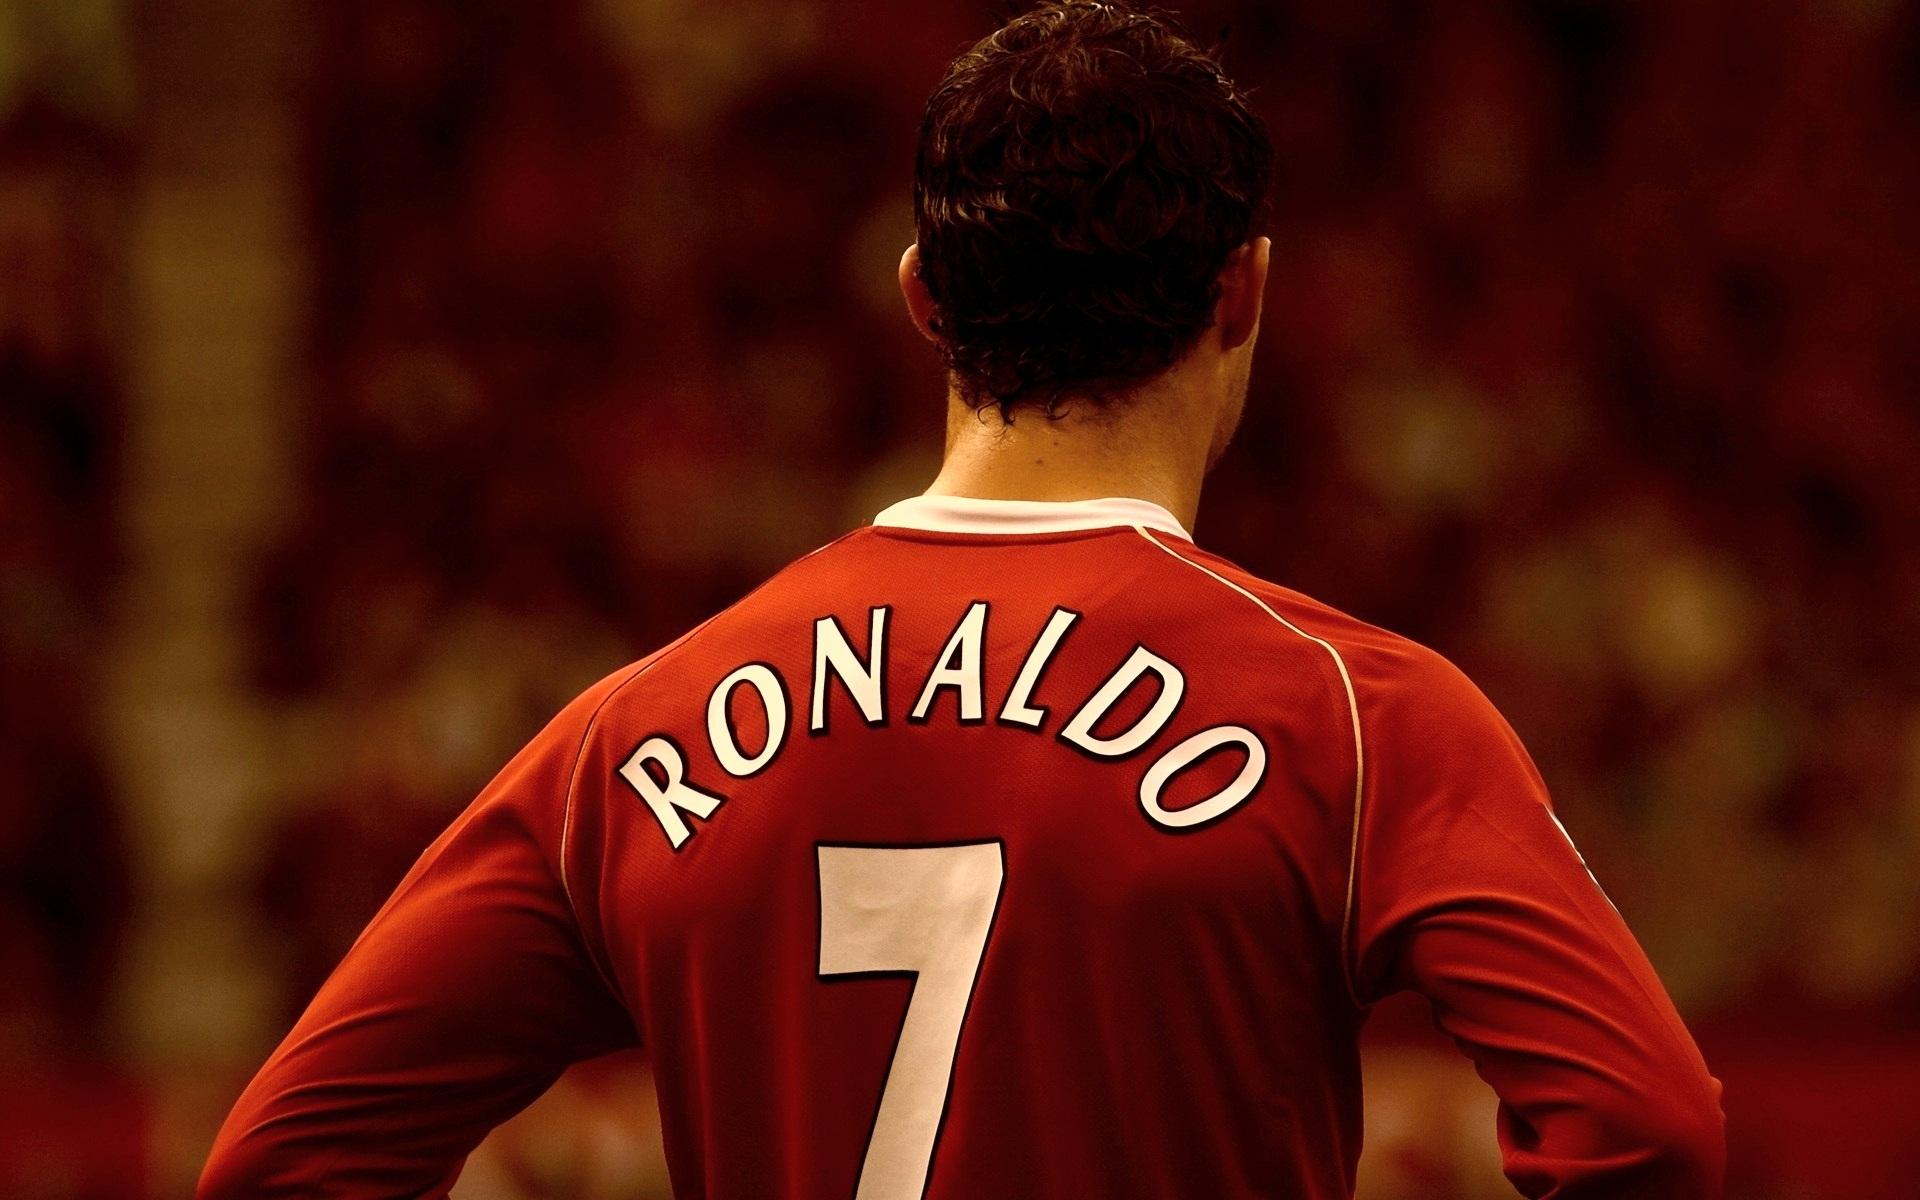 Cristiano Ronaldo Wallpaper 15